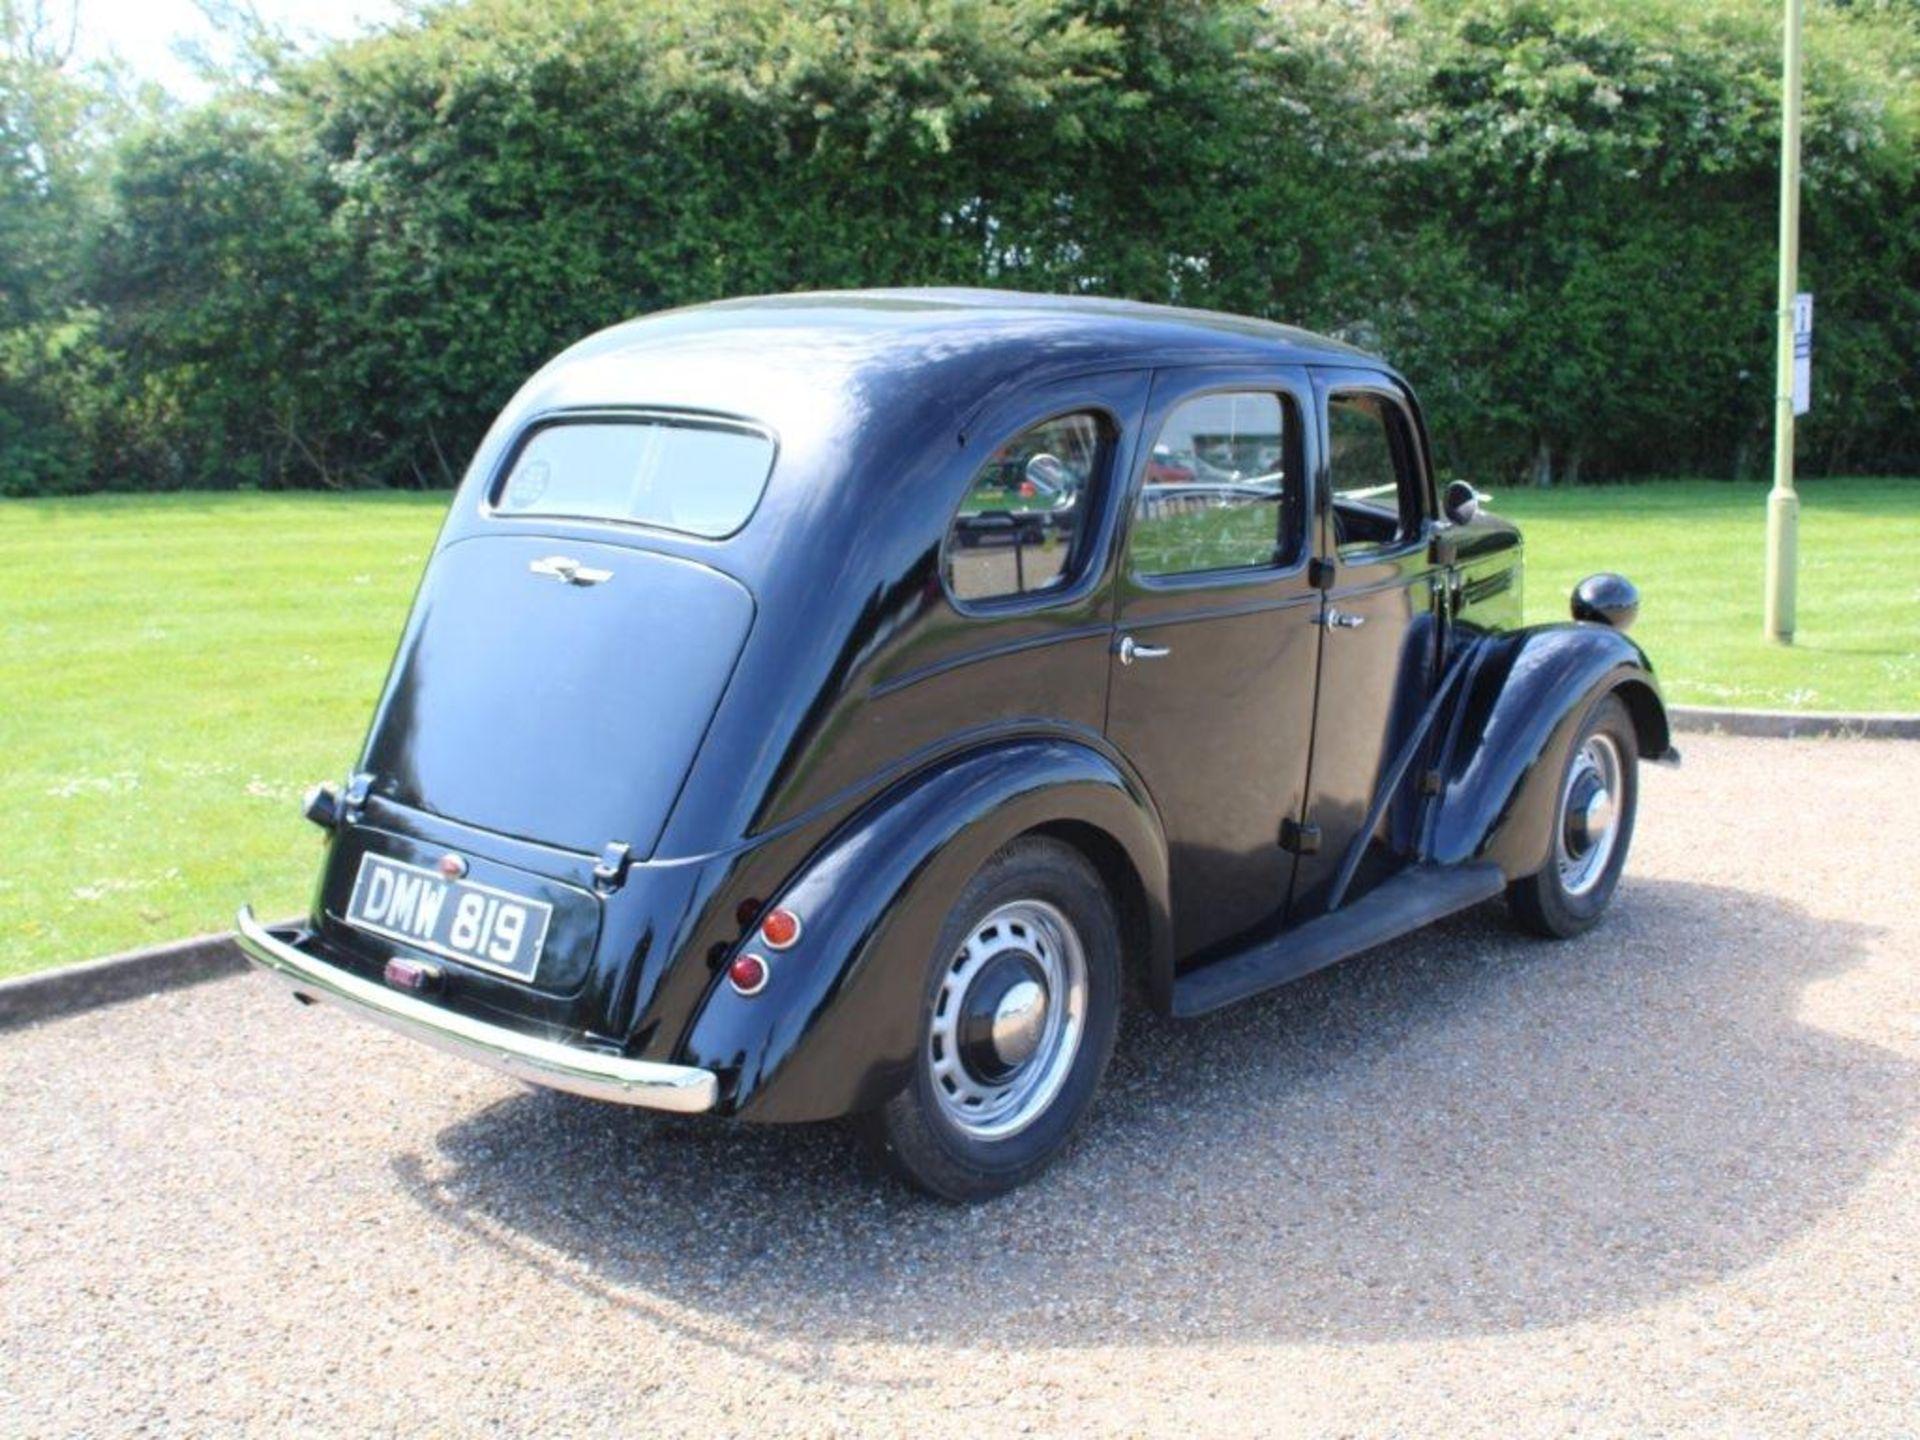 1946 Ford Prefect E93A - Image 9 of 30